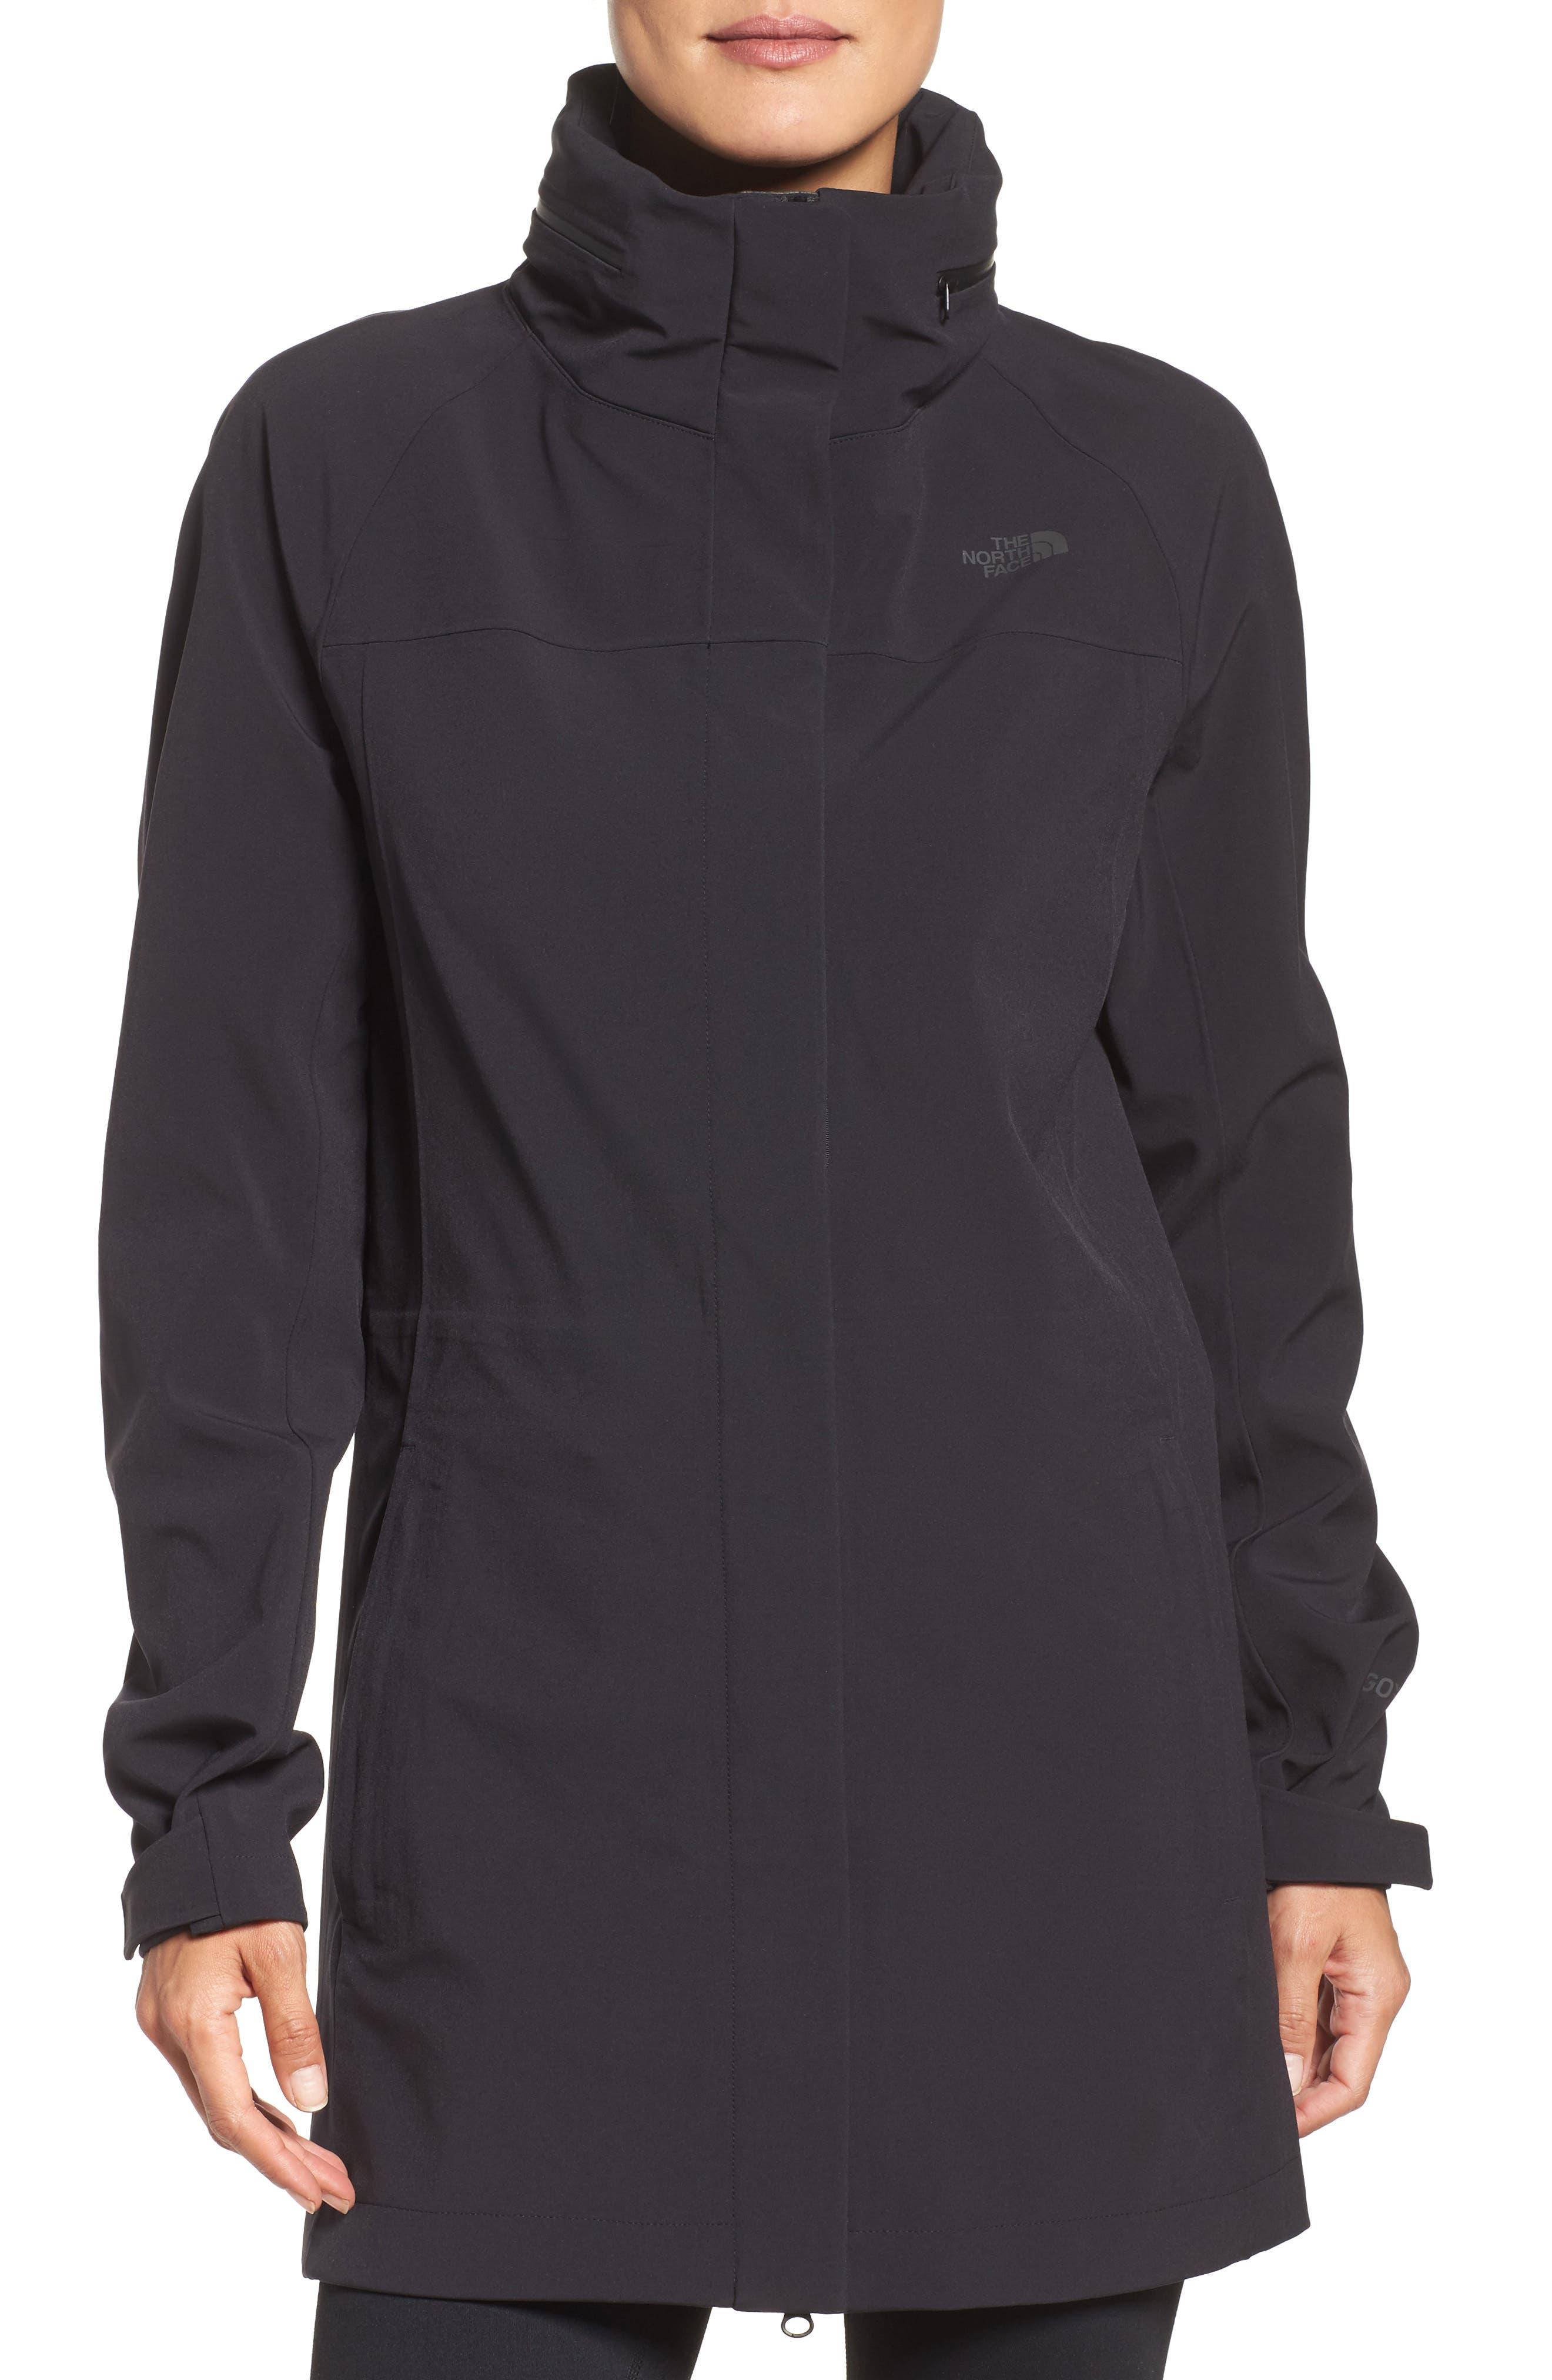 Apex Flex Gore-Tex<sup>®</sup> Disruptor Jacket,                         Main,                         color, Tnf Black/ Tnf Dark Grey